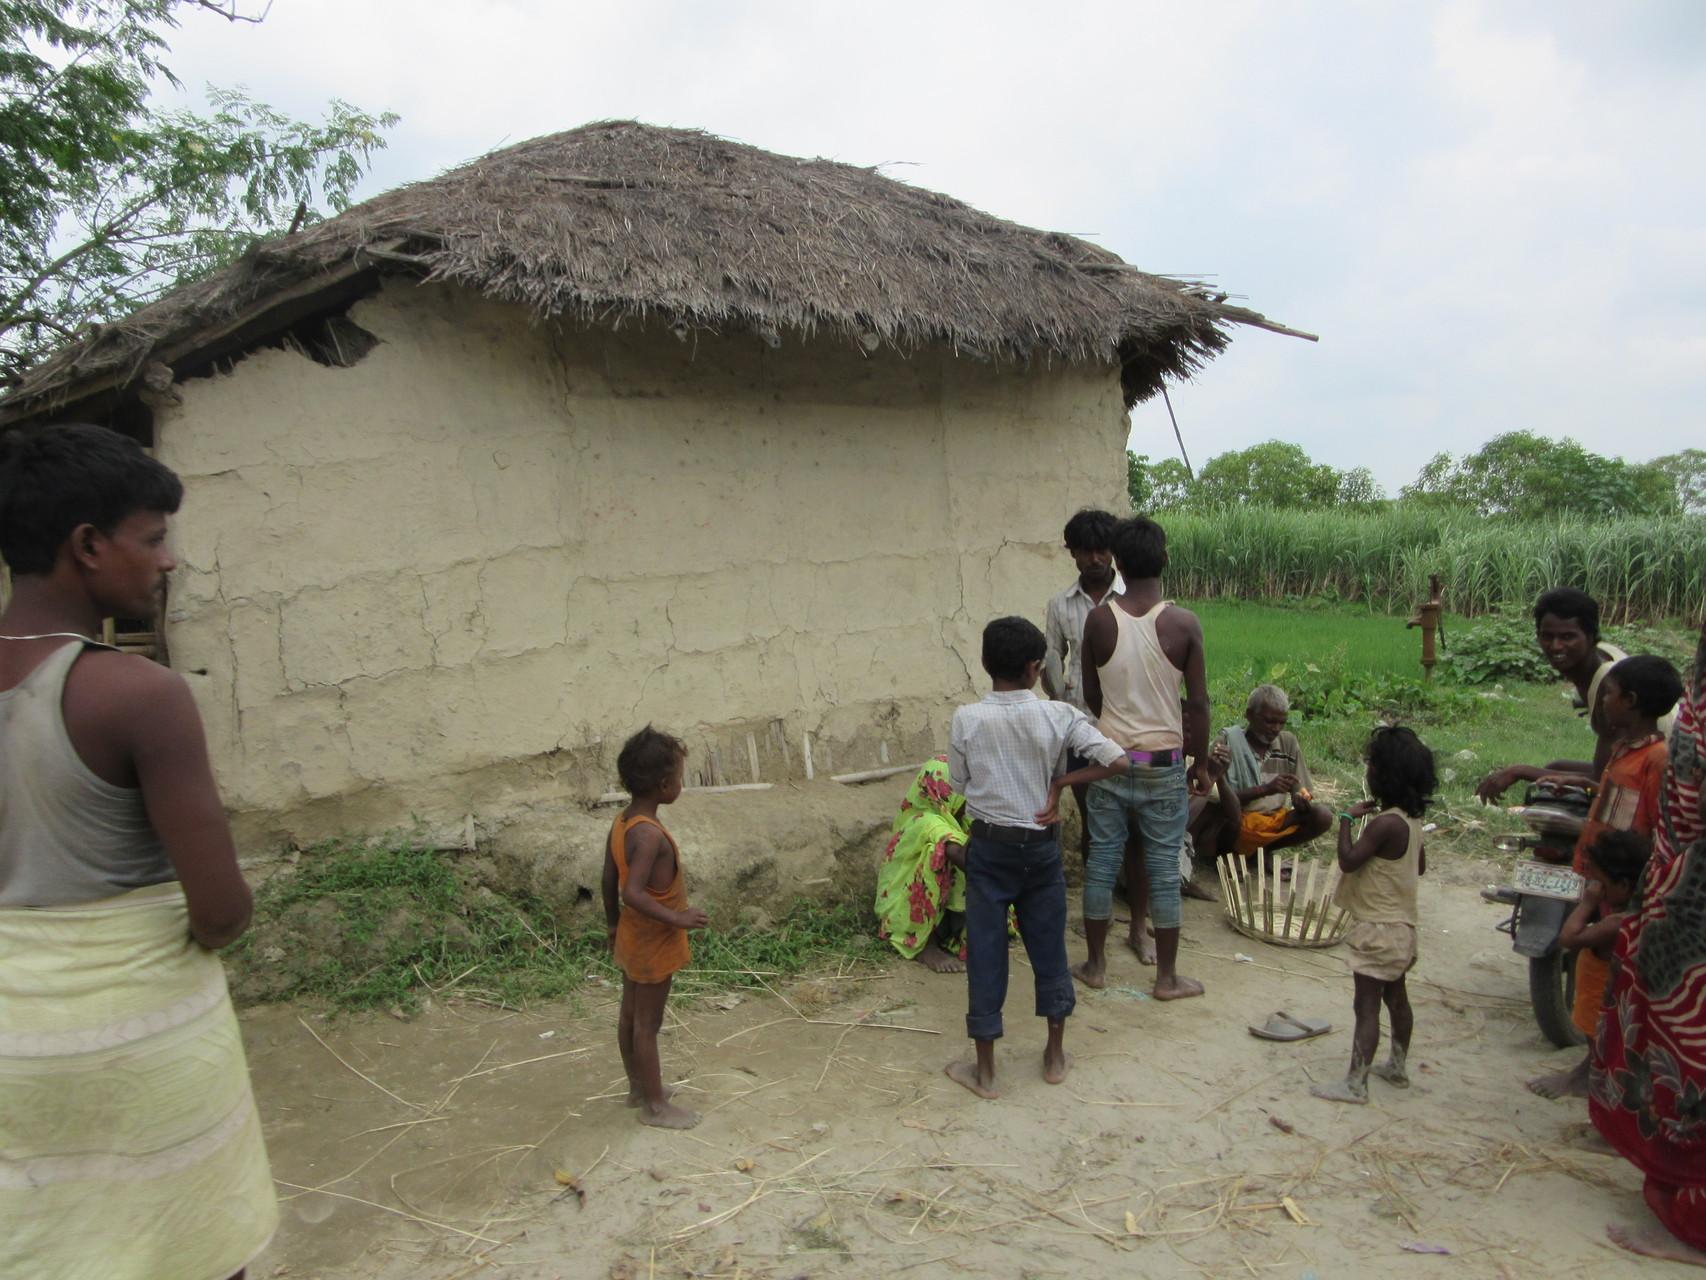 In vielen Teilen des Landes außerhalb von Kathmandu wohnen die Menschen in Lehmhütten.